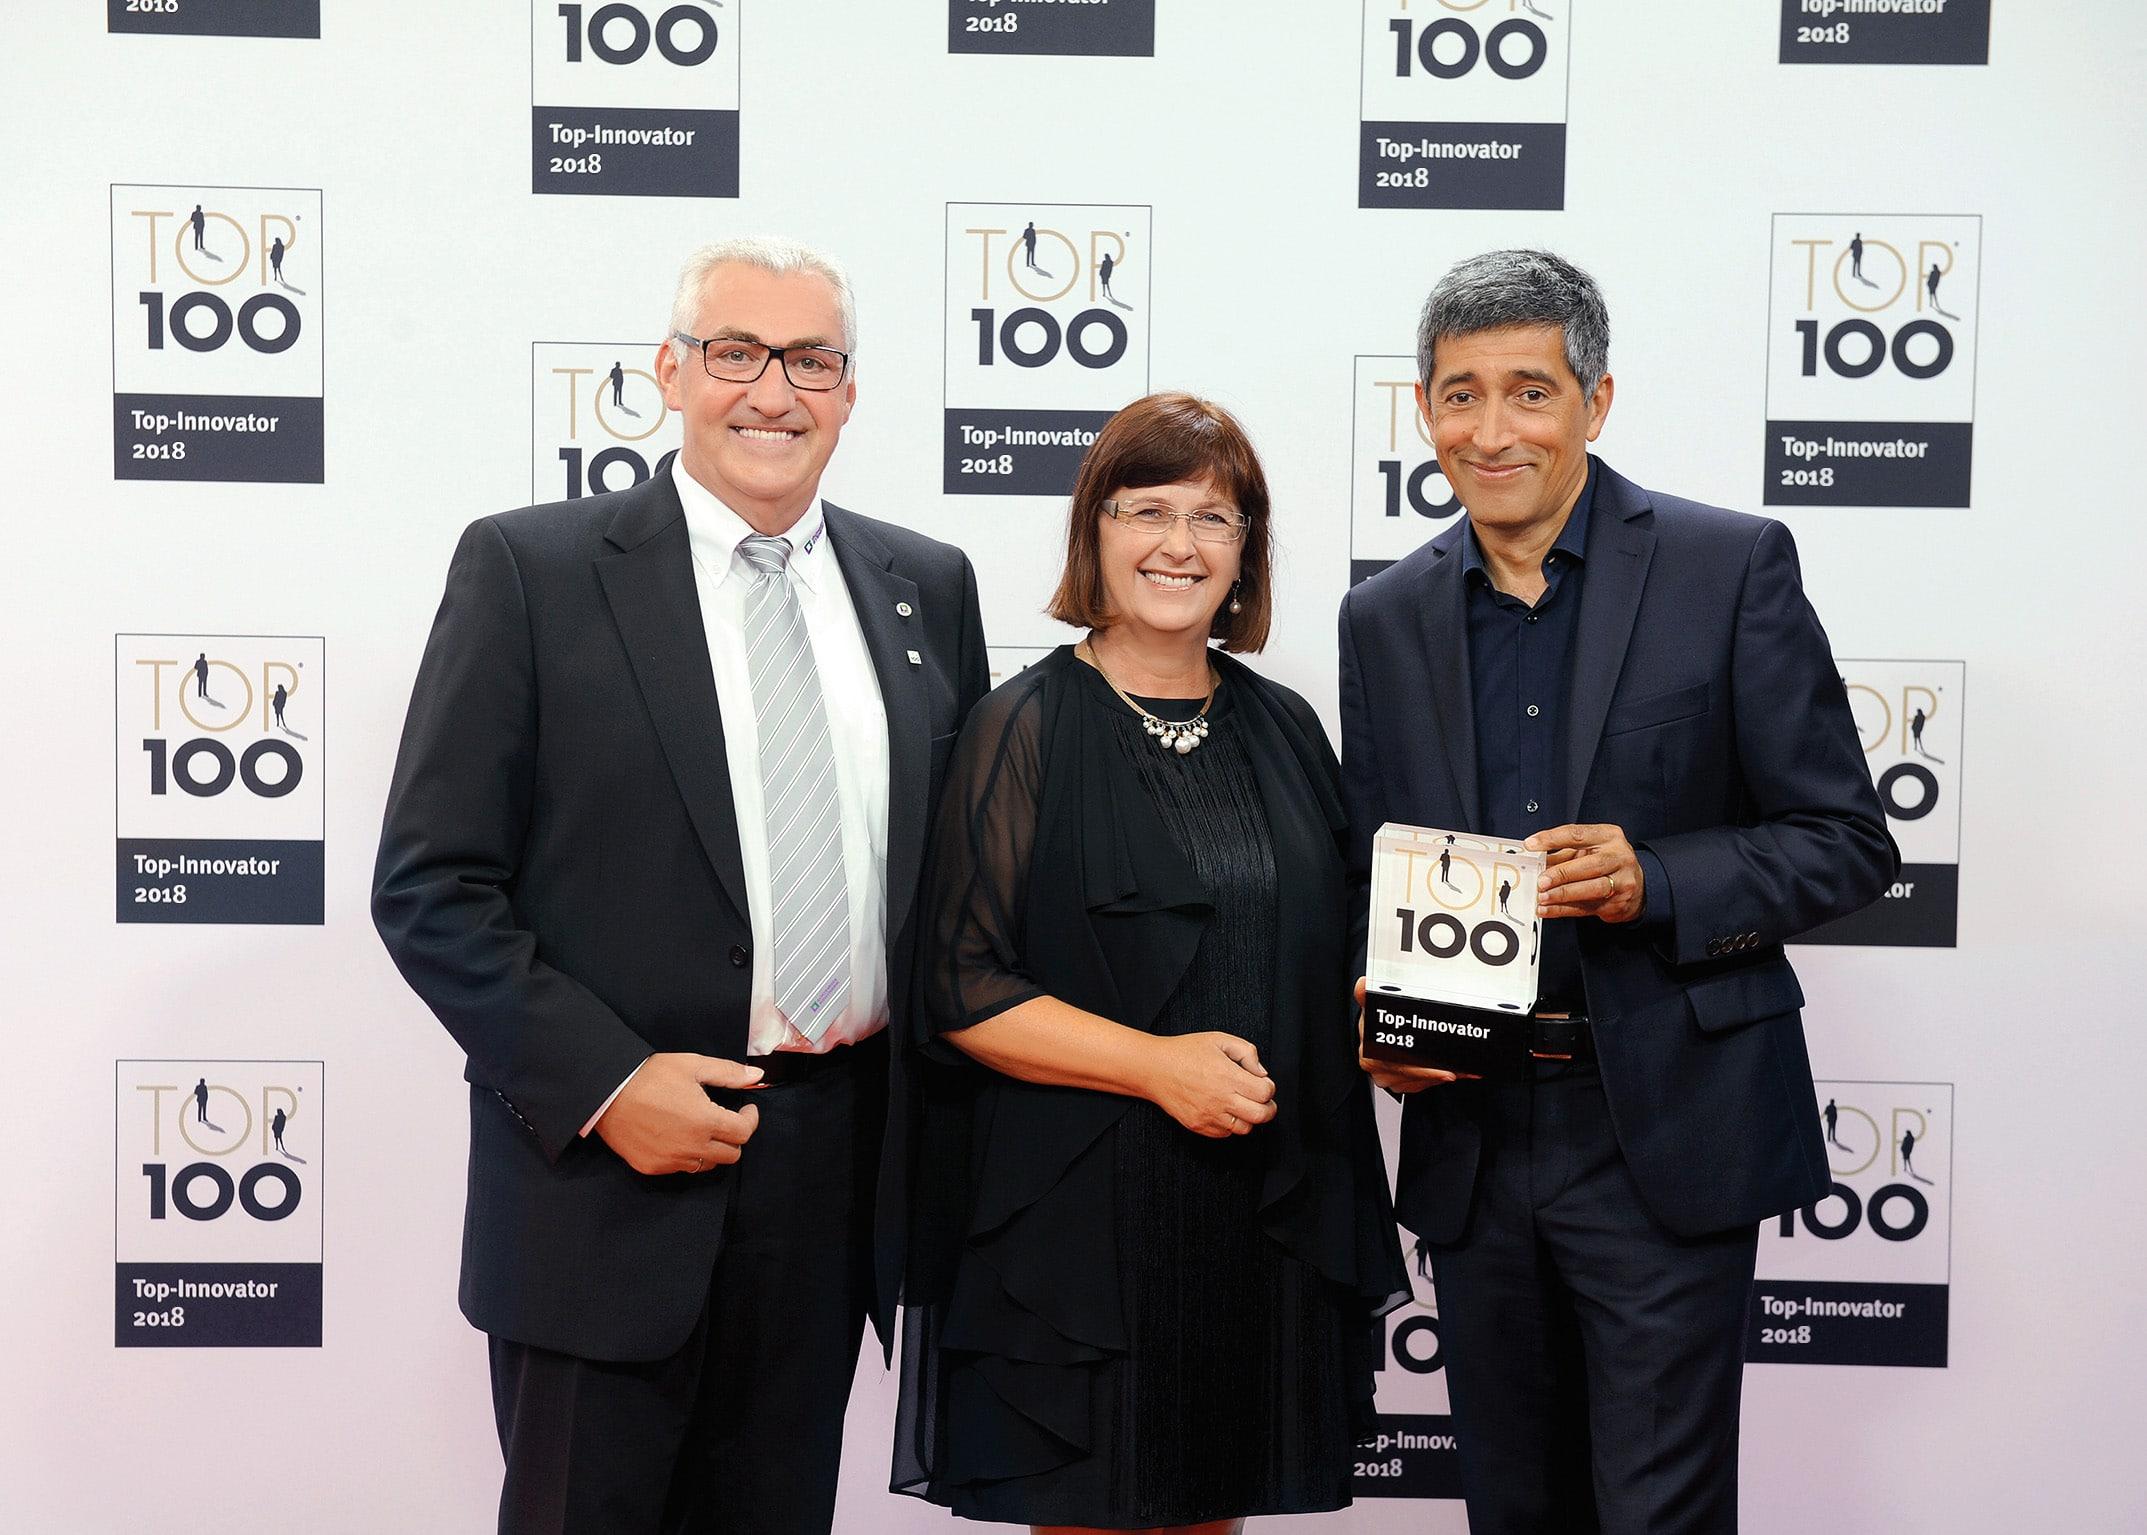 Erfolg bei TOP 100: Günzburger Steigtechnik gehört zu den Innovationsführern 2018 – Günzburger Steigtechnik zum vierten Mal in Folge ein TOP 100-Innovationsführer des deutschen Mittelstands